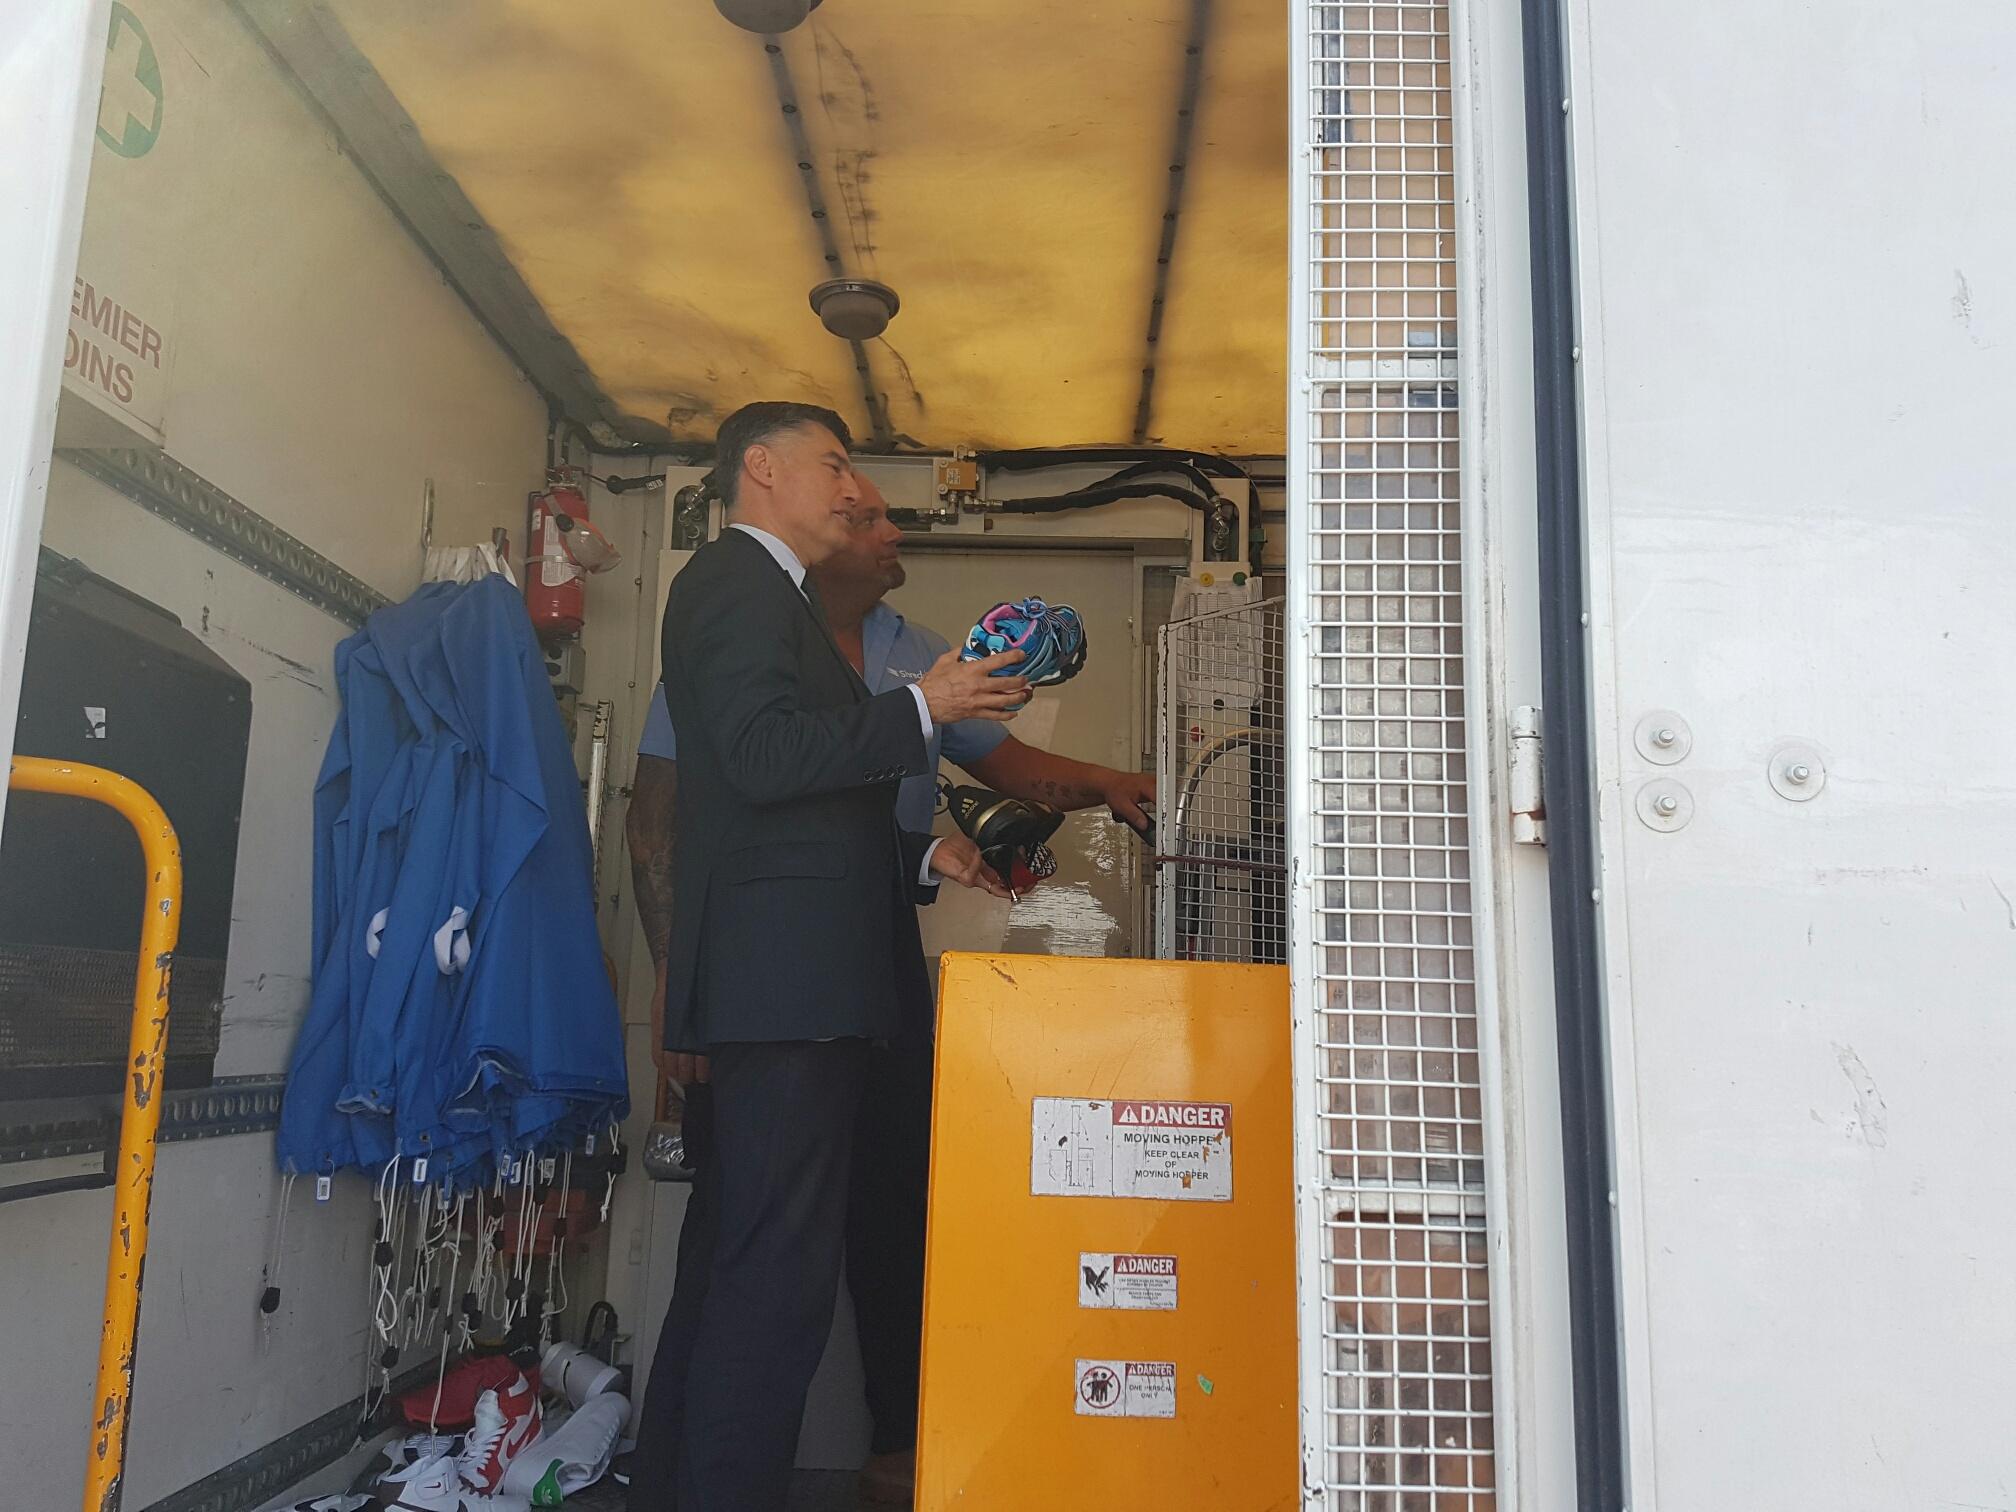 Pascal Faure pendant la destruction de produits illicites.